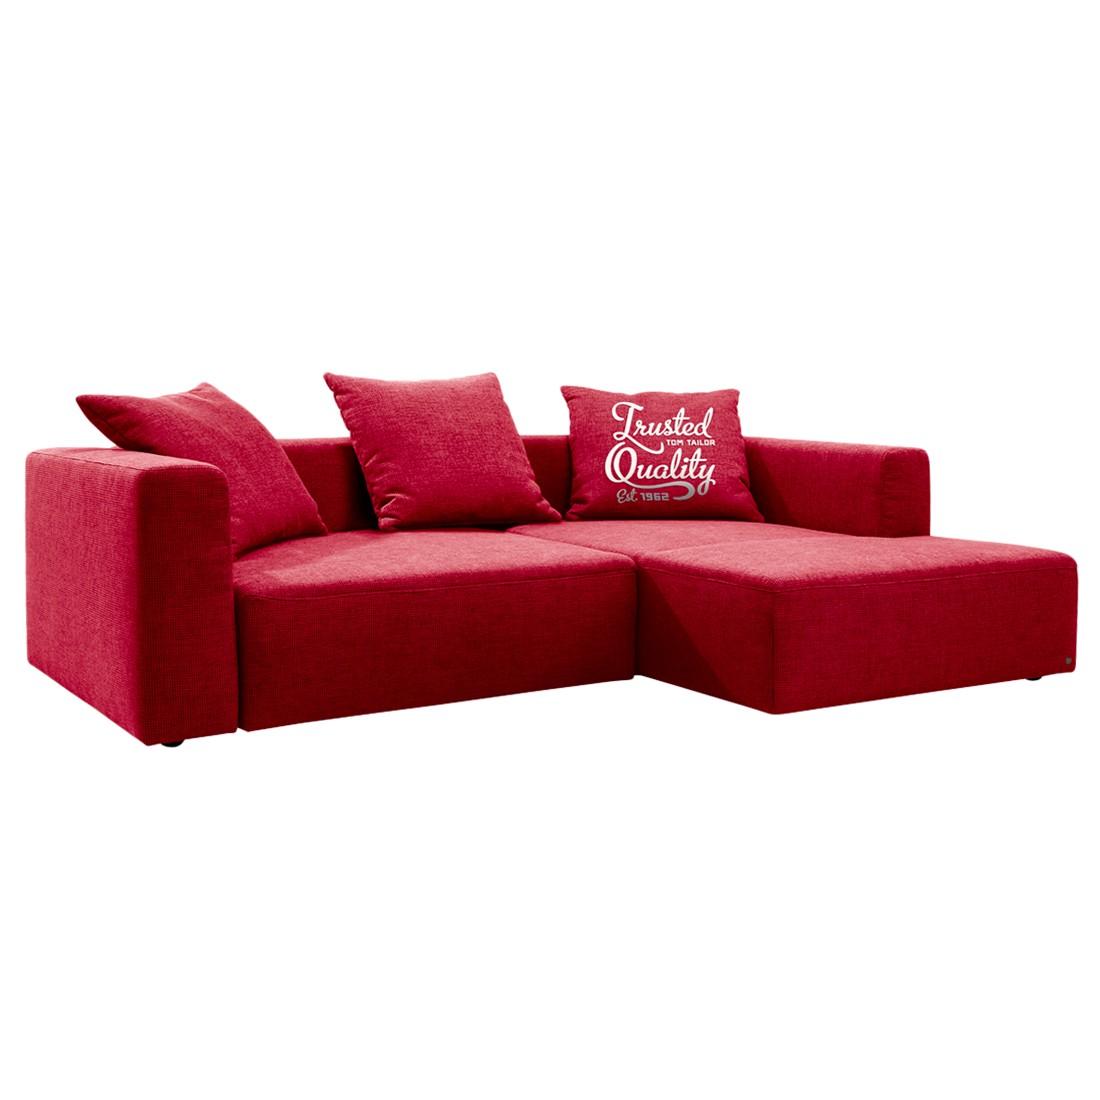 goedkoop Hoekbank Heaven Casual longchair vooraanzicht rechts Met slaapfunctie Stof TCU7 warm red Tom Tailor